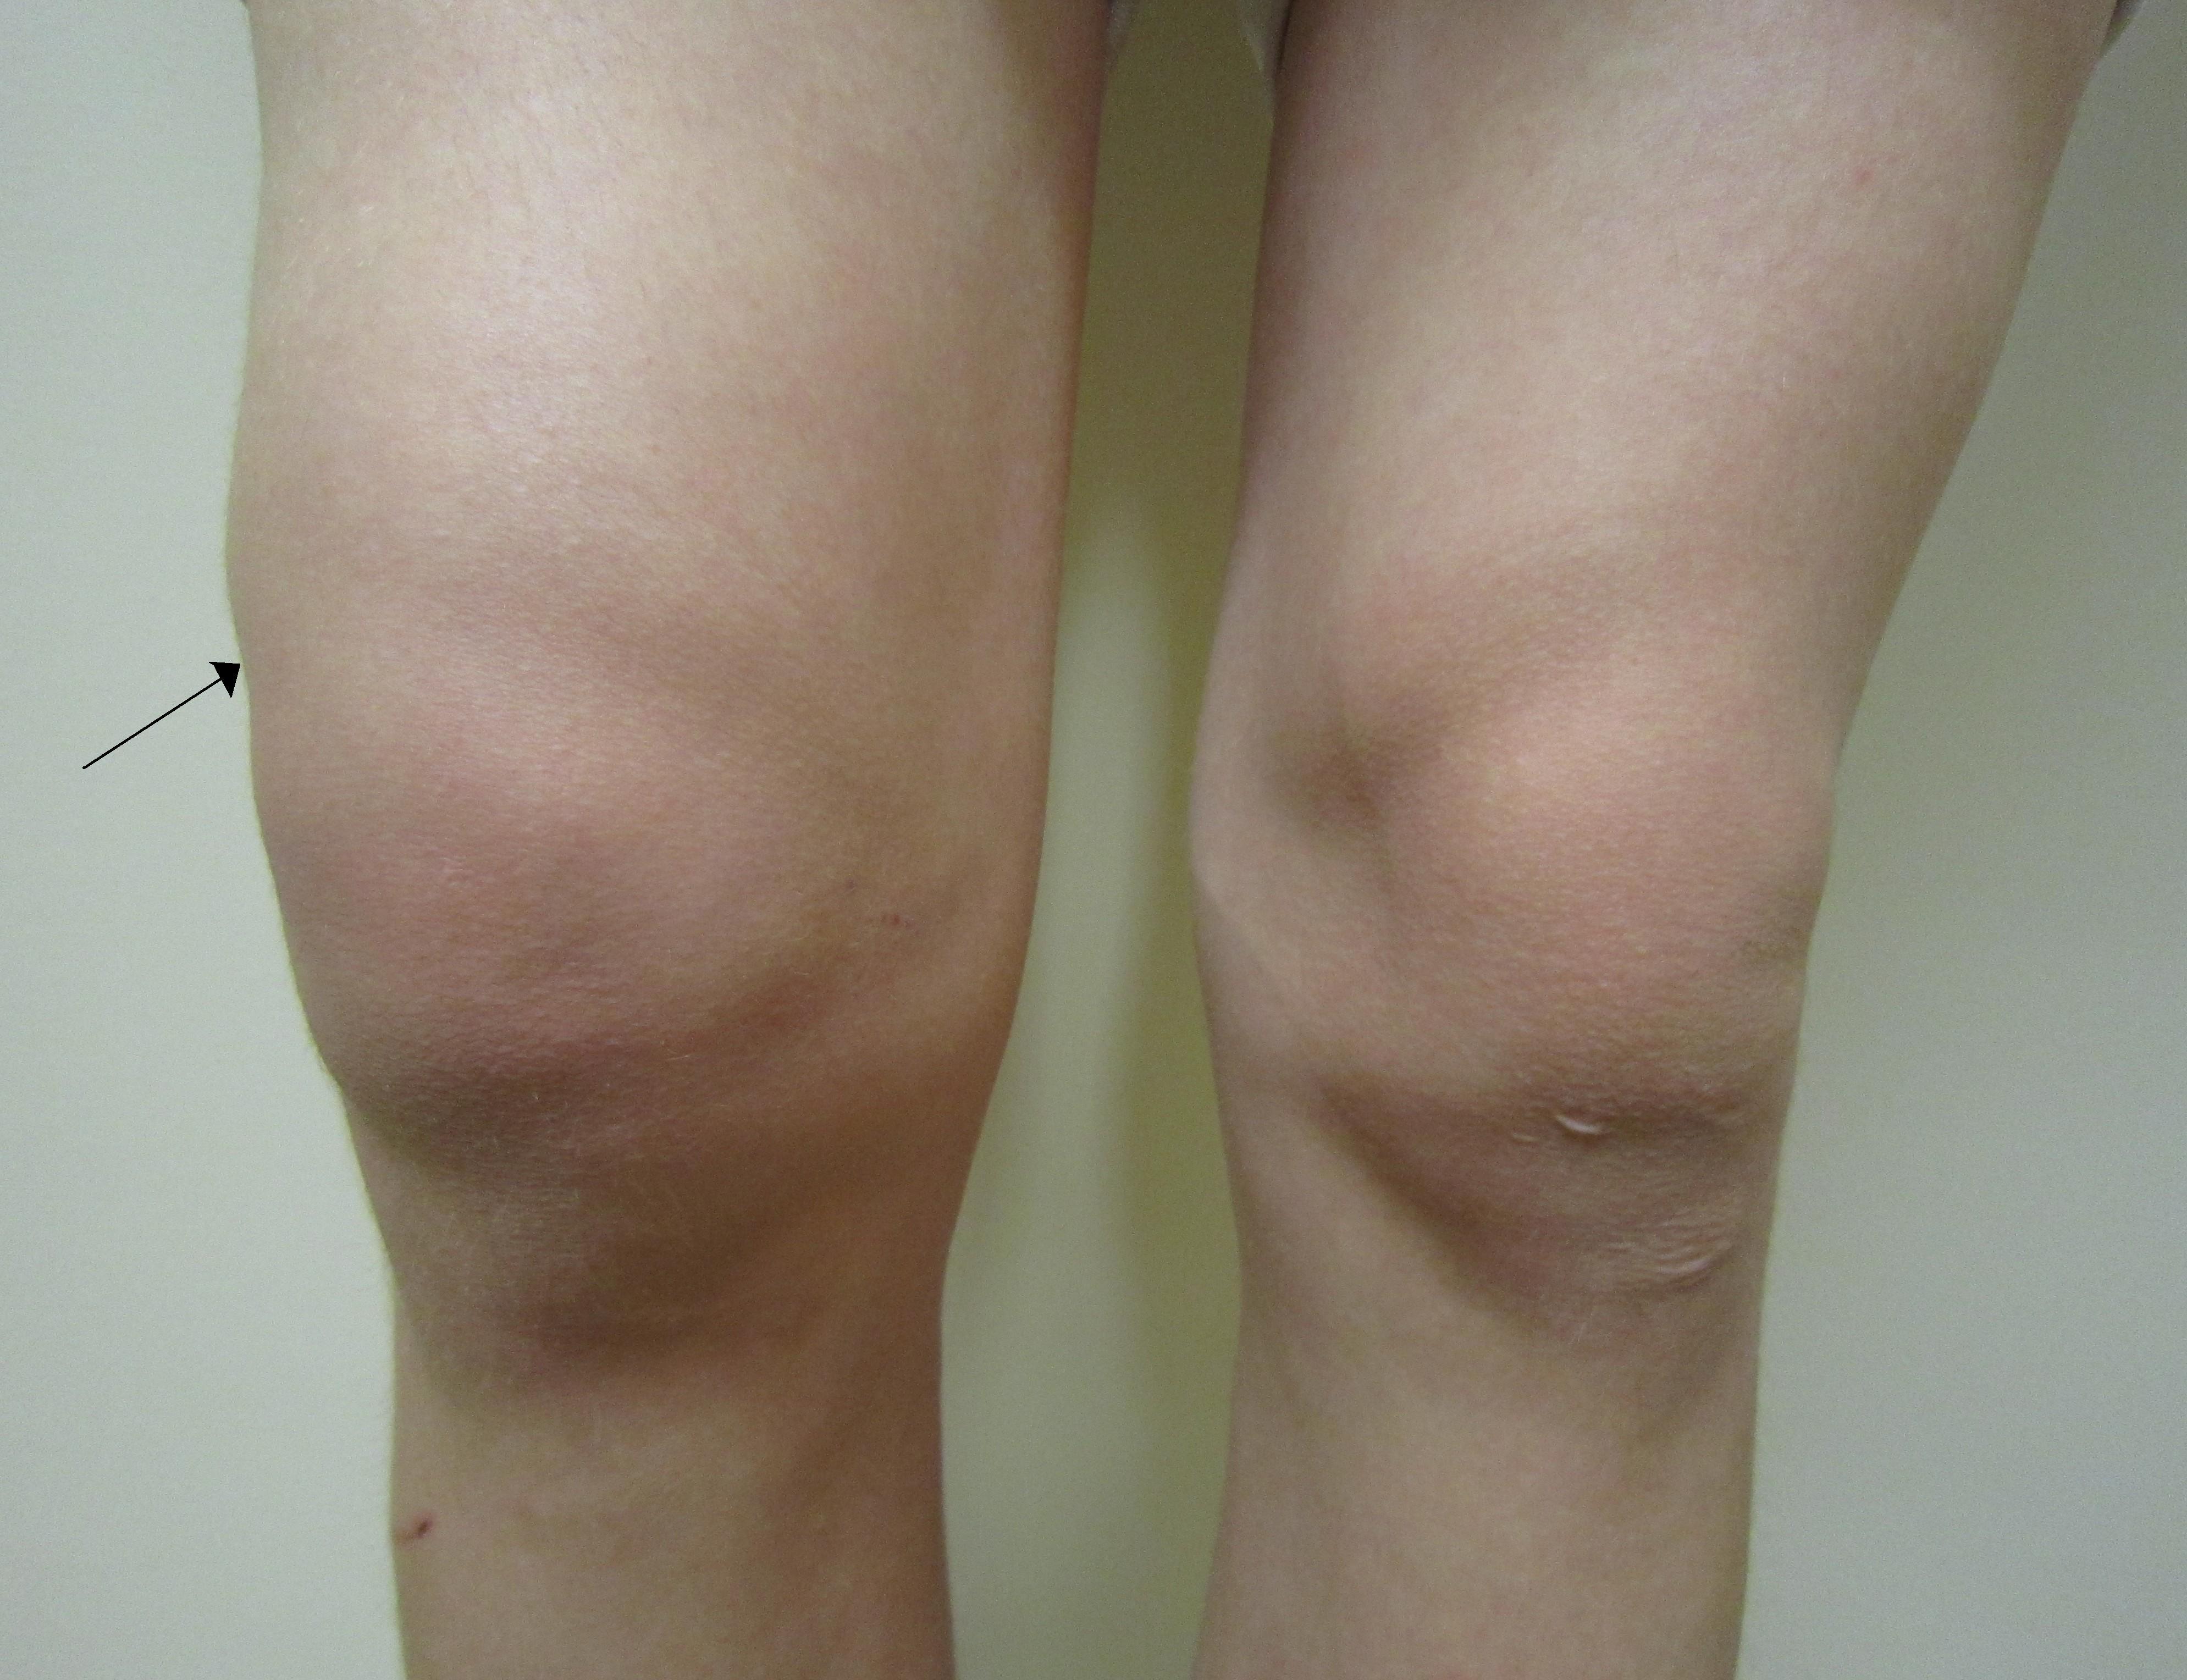 dureri articulare în timpul gua stadii de artroză articulară